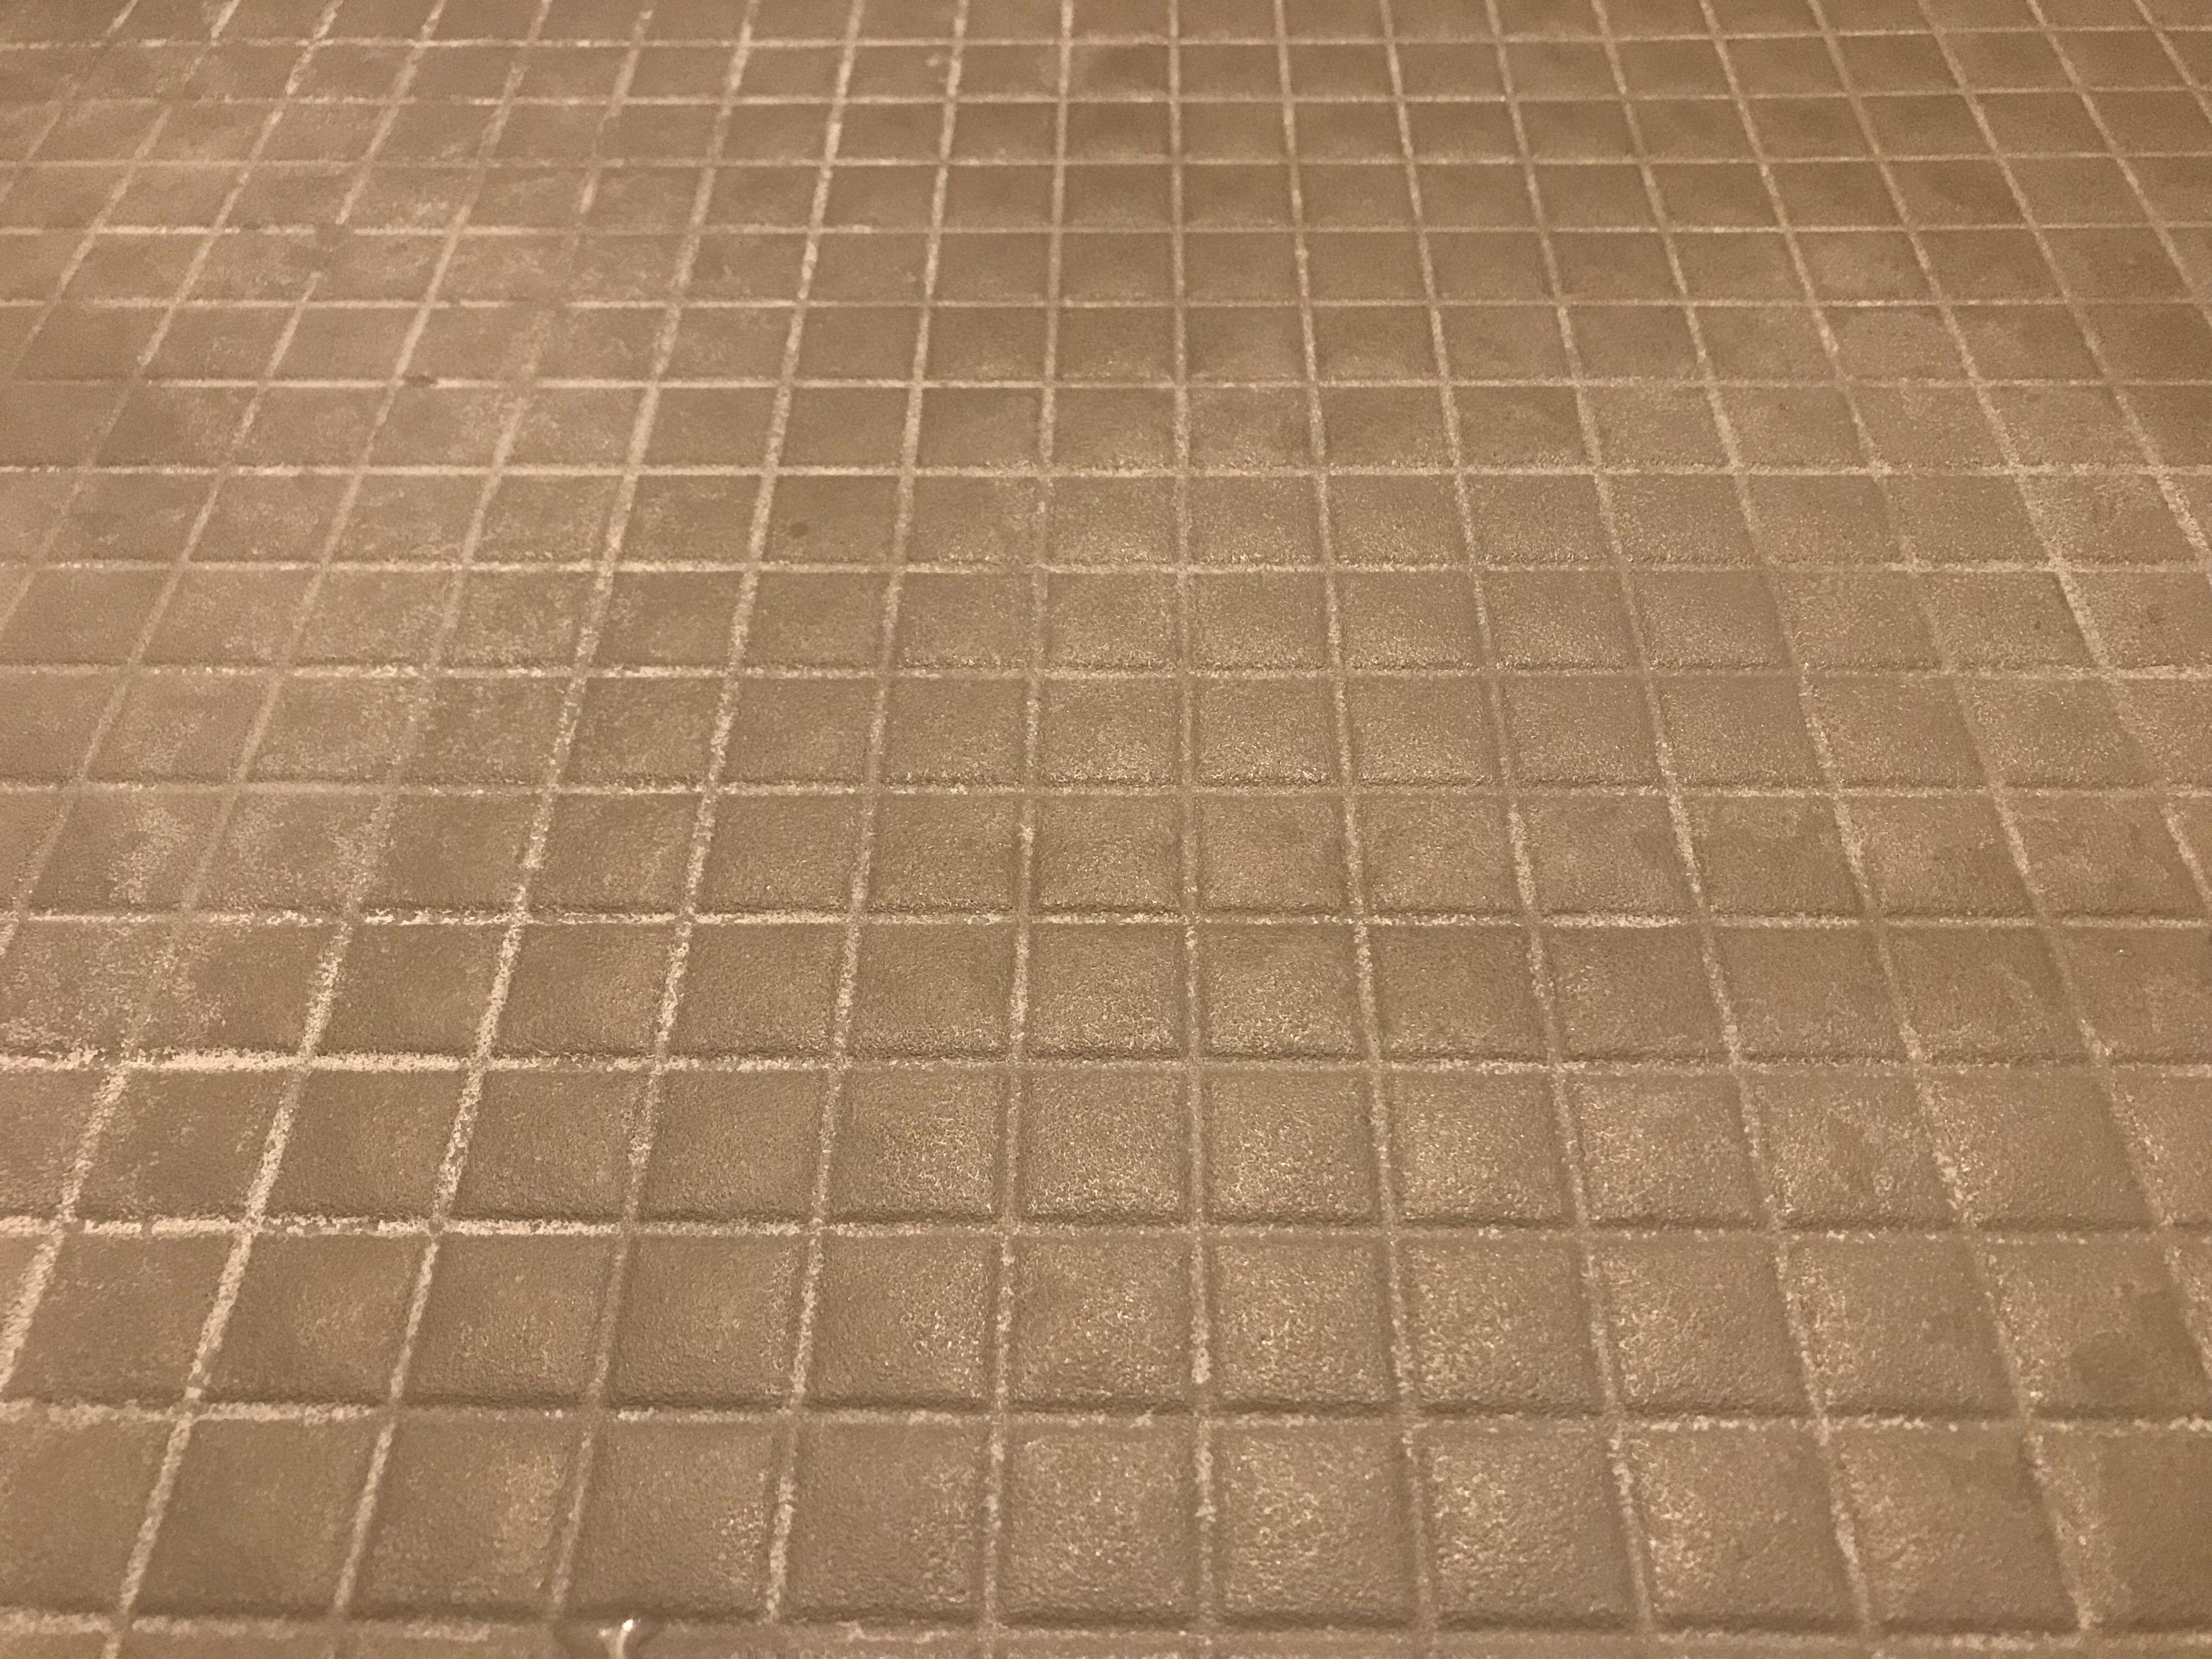 お風呂の床の黒ずみや白い汚れに効く洗剤見つけたーッ おすすめの掃除用ブラシも 2020 掃除 風呂 床 掃除 リクシル お風呂